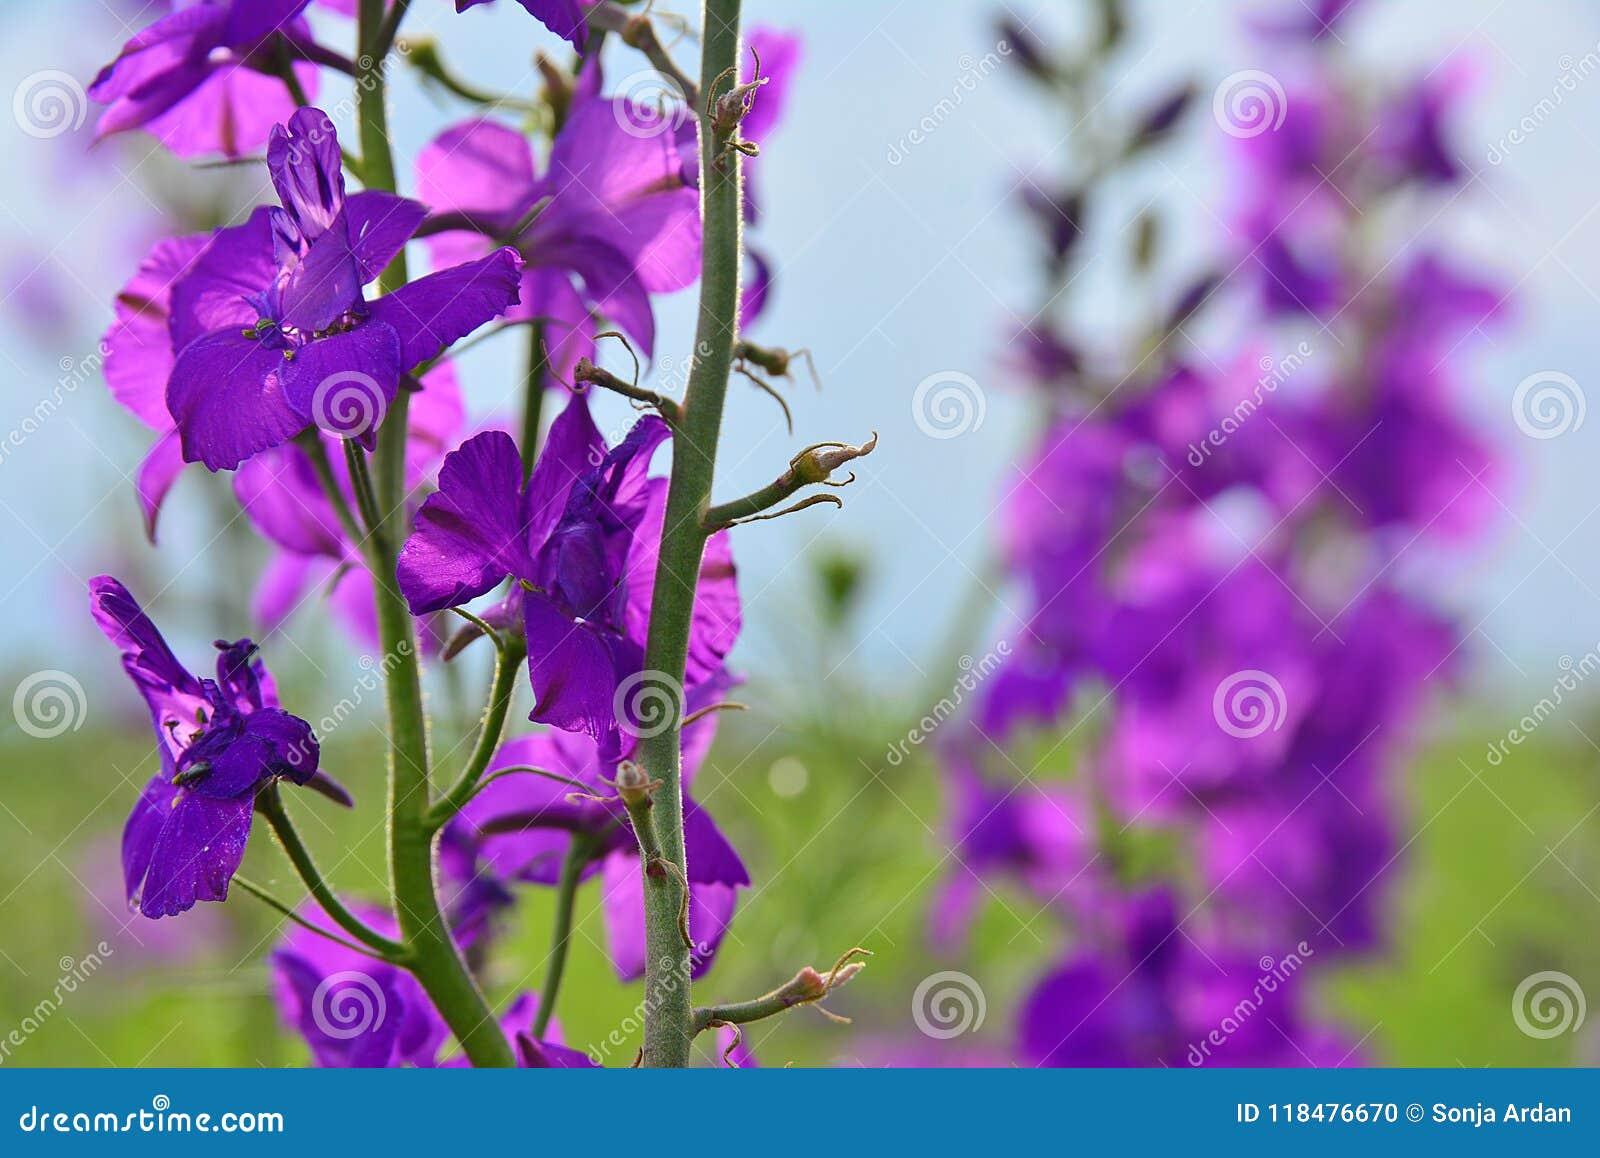 Flor púrpura delante de un campo las mismas flores - detalle